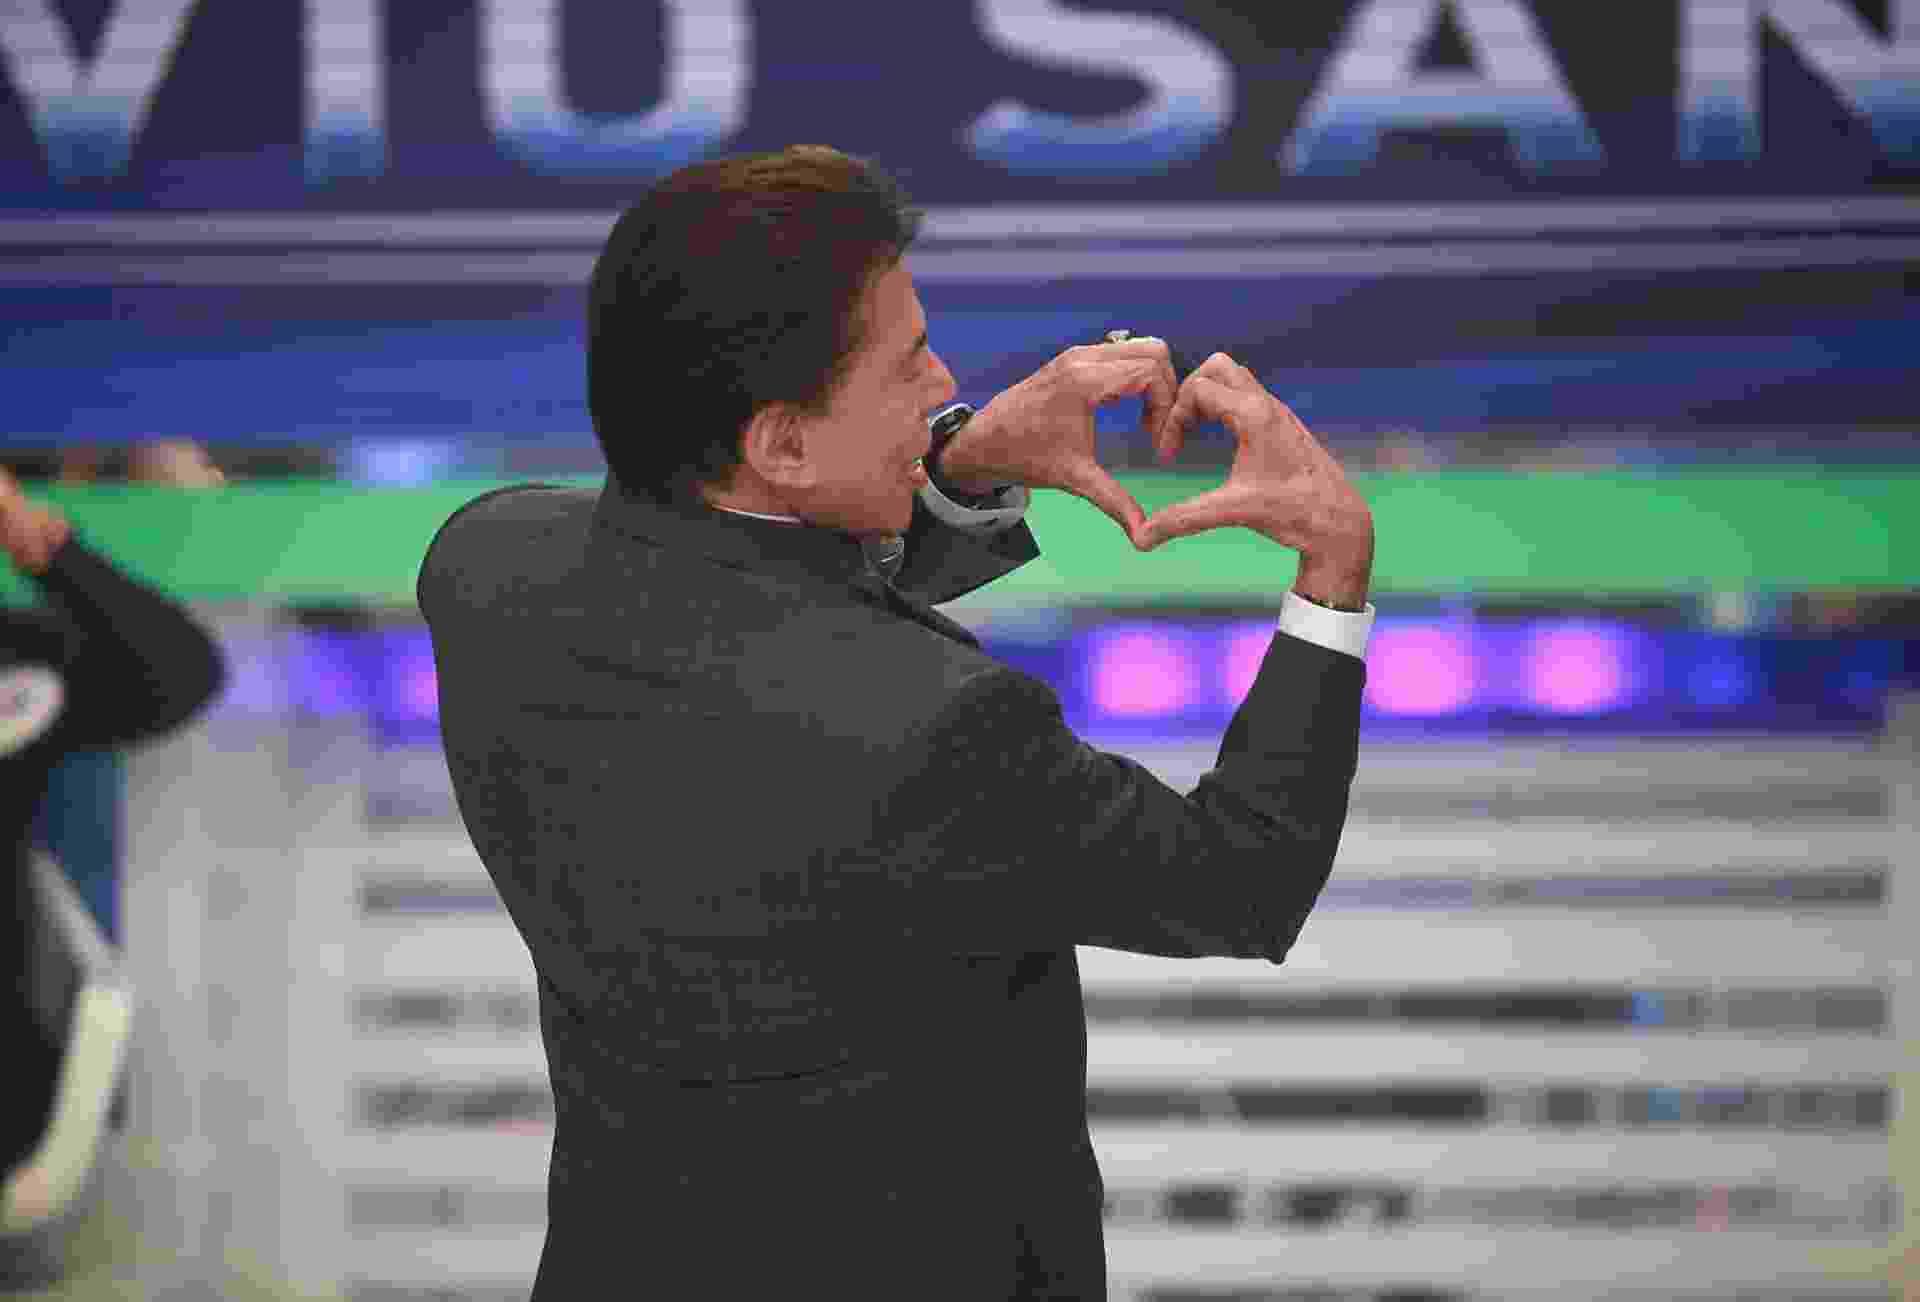 2013 - Silvio Santos faz coraçãozinho com as mãos S2 - Divulgação/SBT